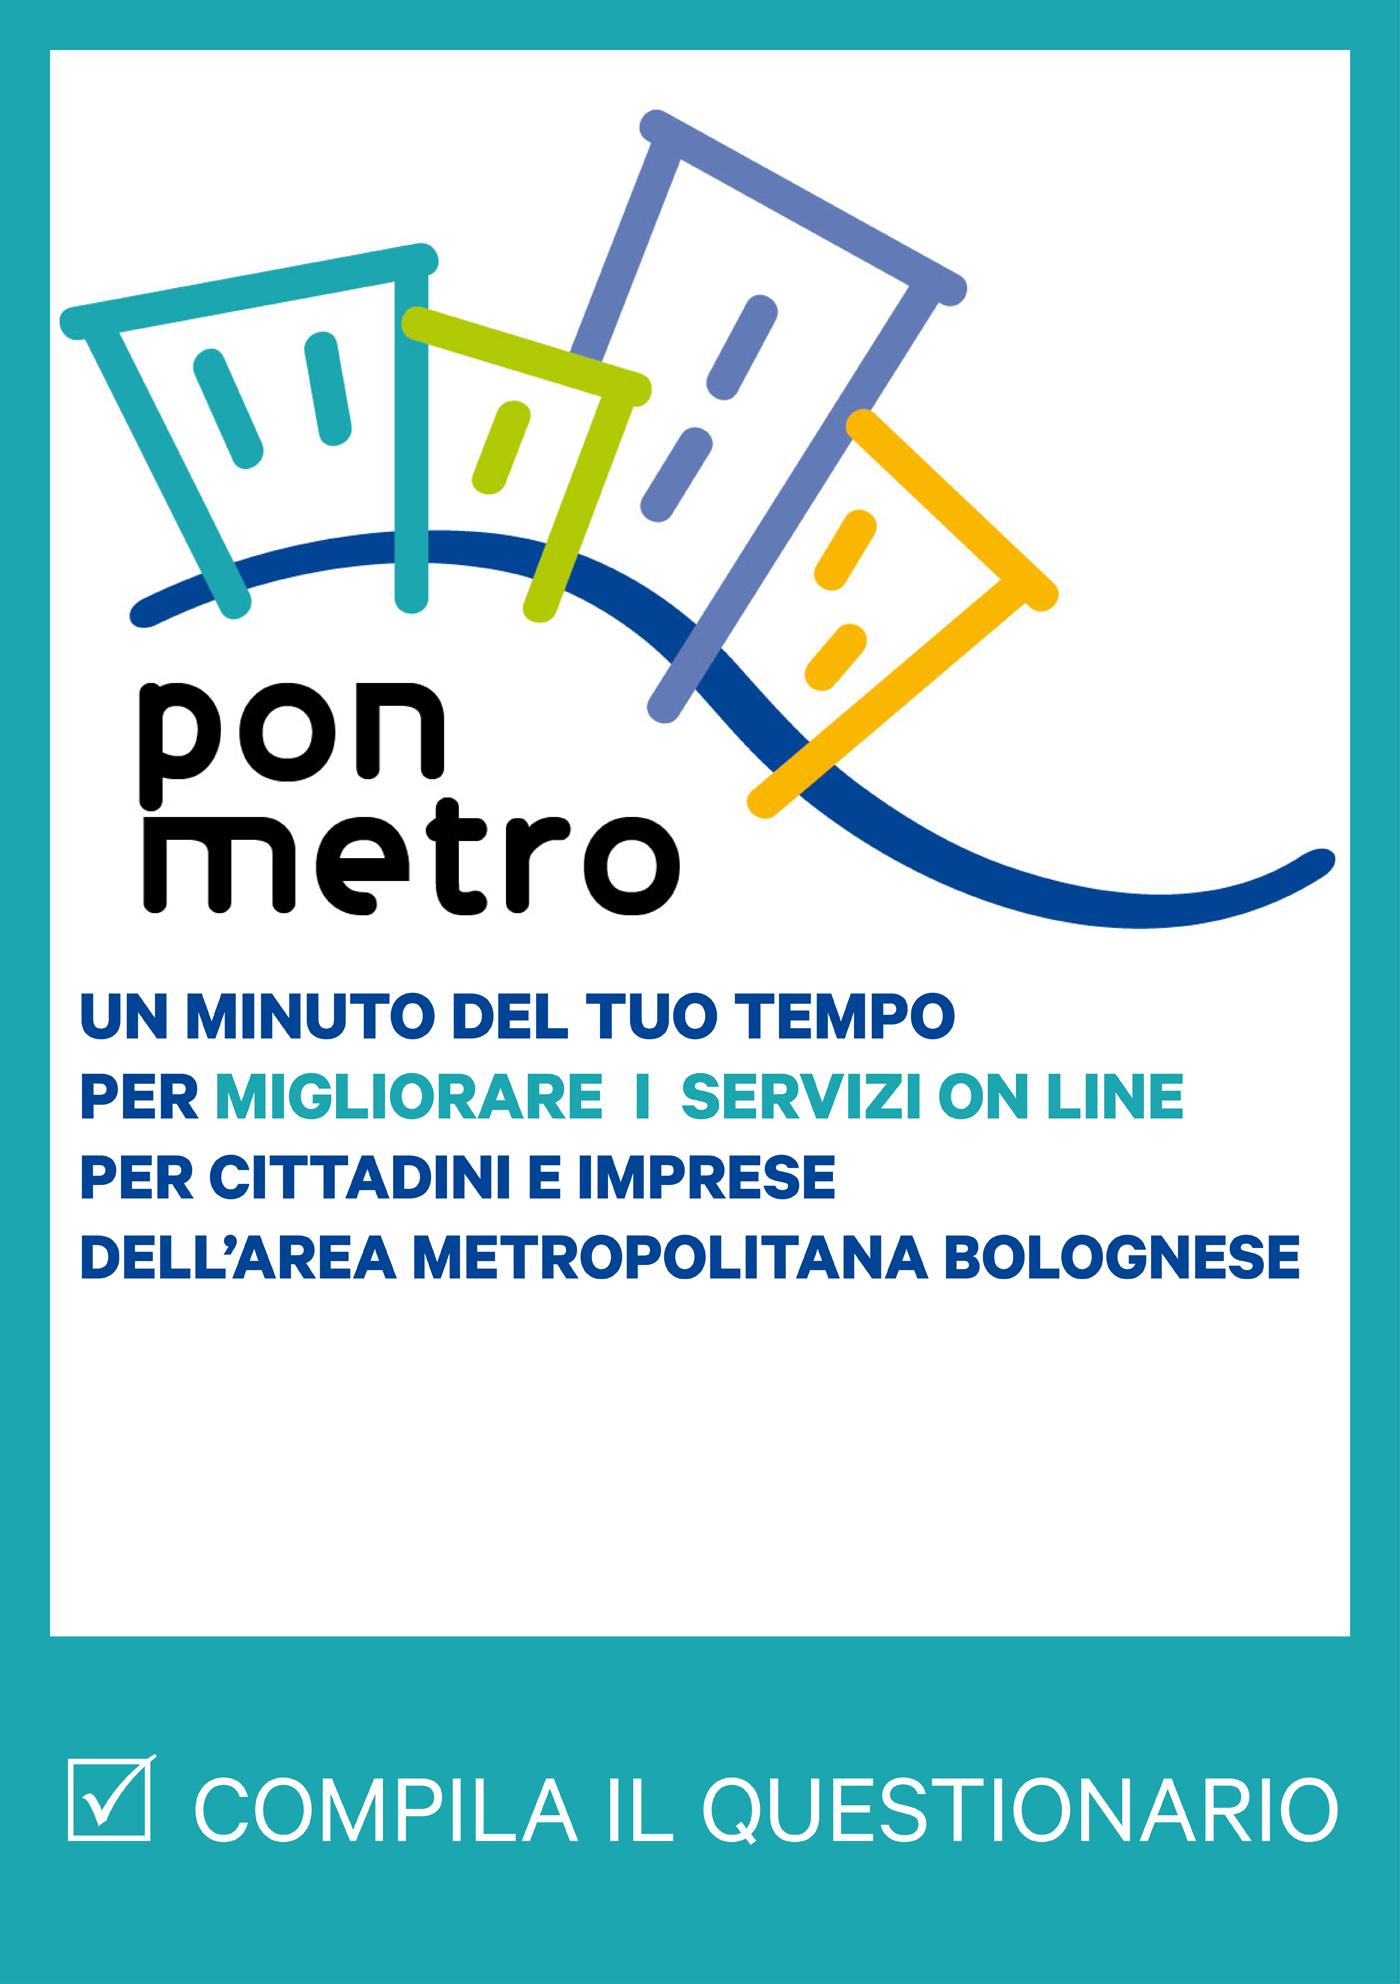 Questionario per i cittadini dei Comuni della città metropolitana di Bologna